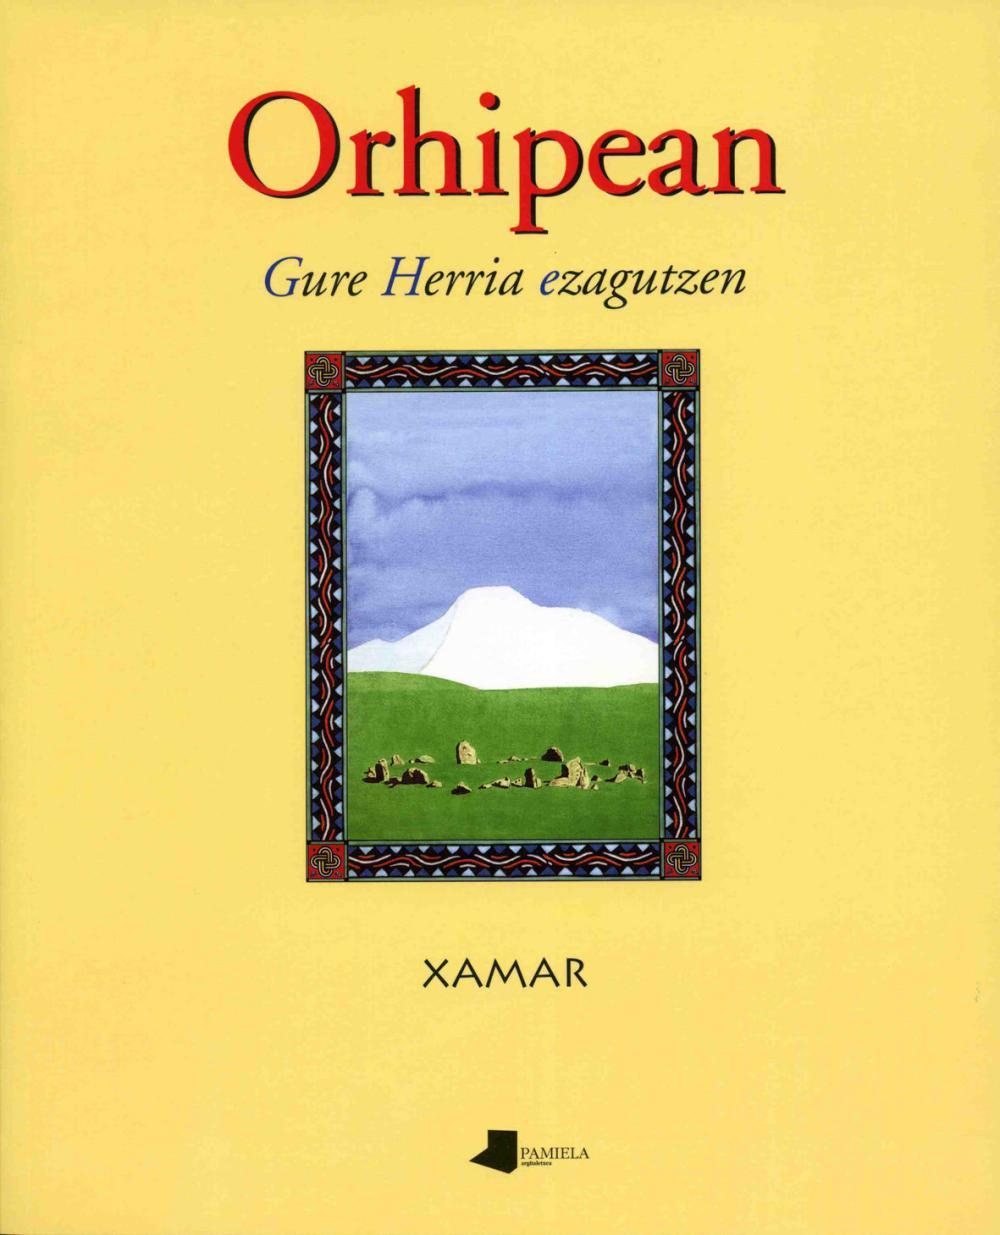 Orhipean